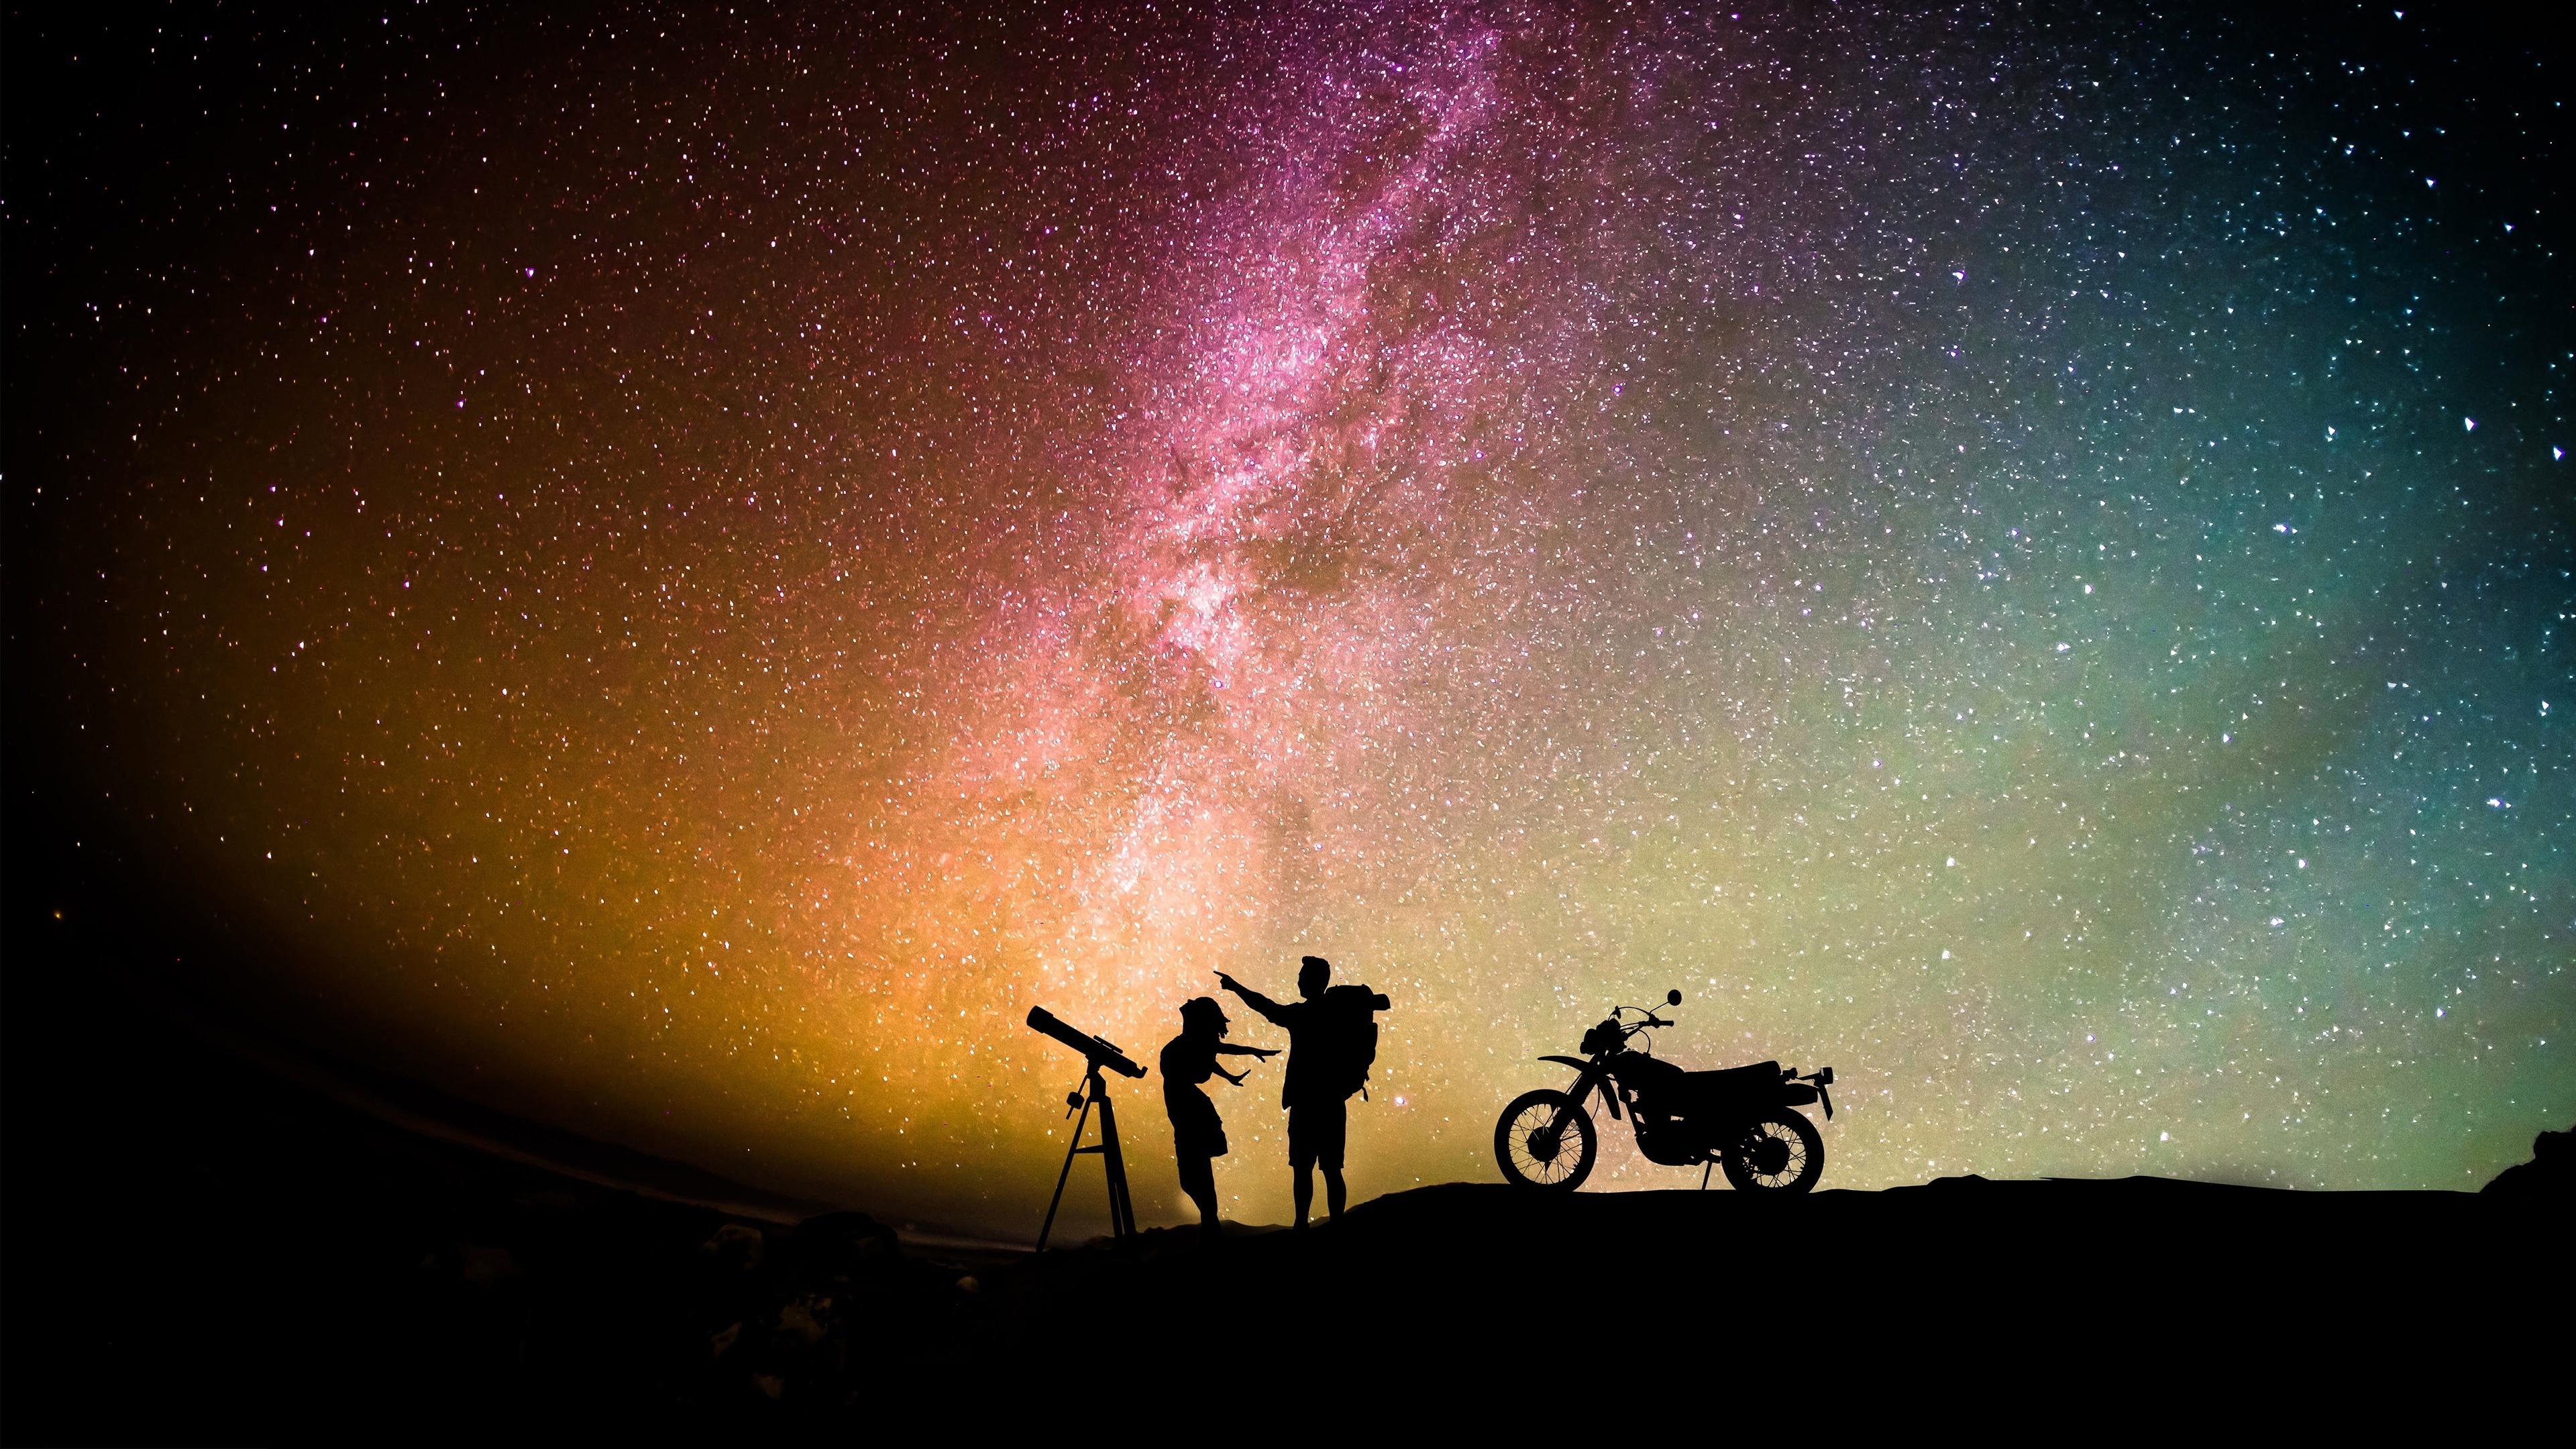 Фото Звезды Мужчины силуэта Девушки Небо Мотоциклист в ночи 3840x2160 Силуэт силуэты Ночь ночью Ночные